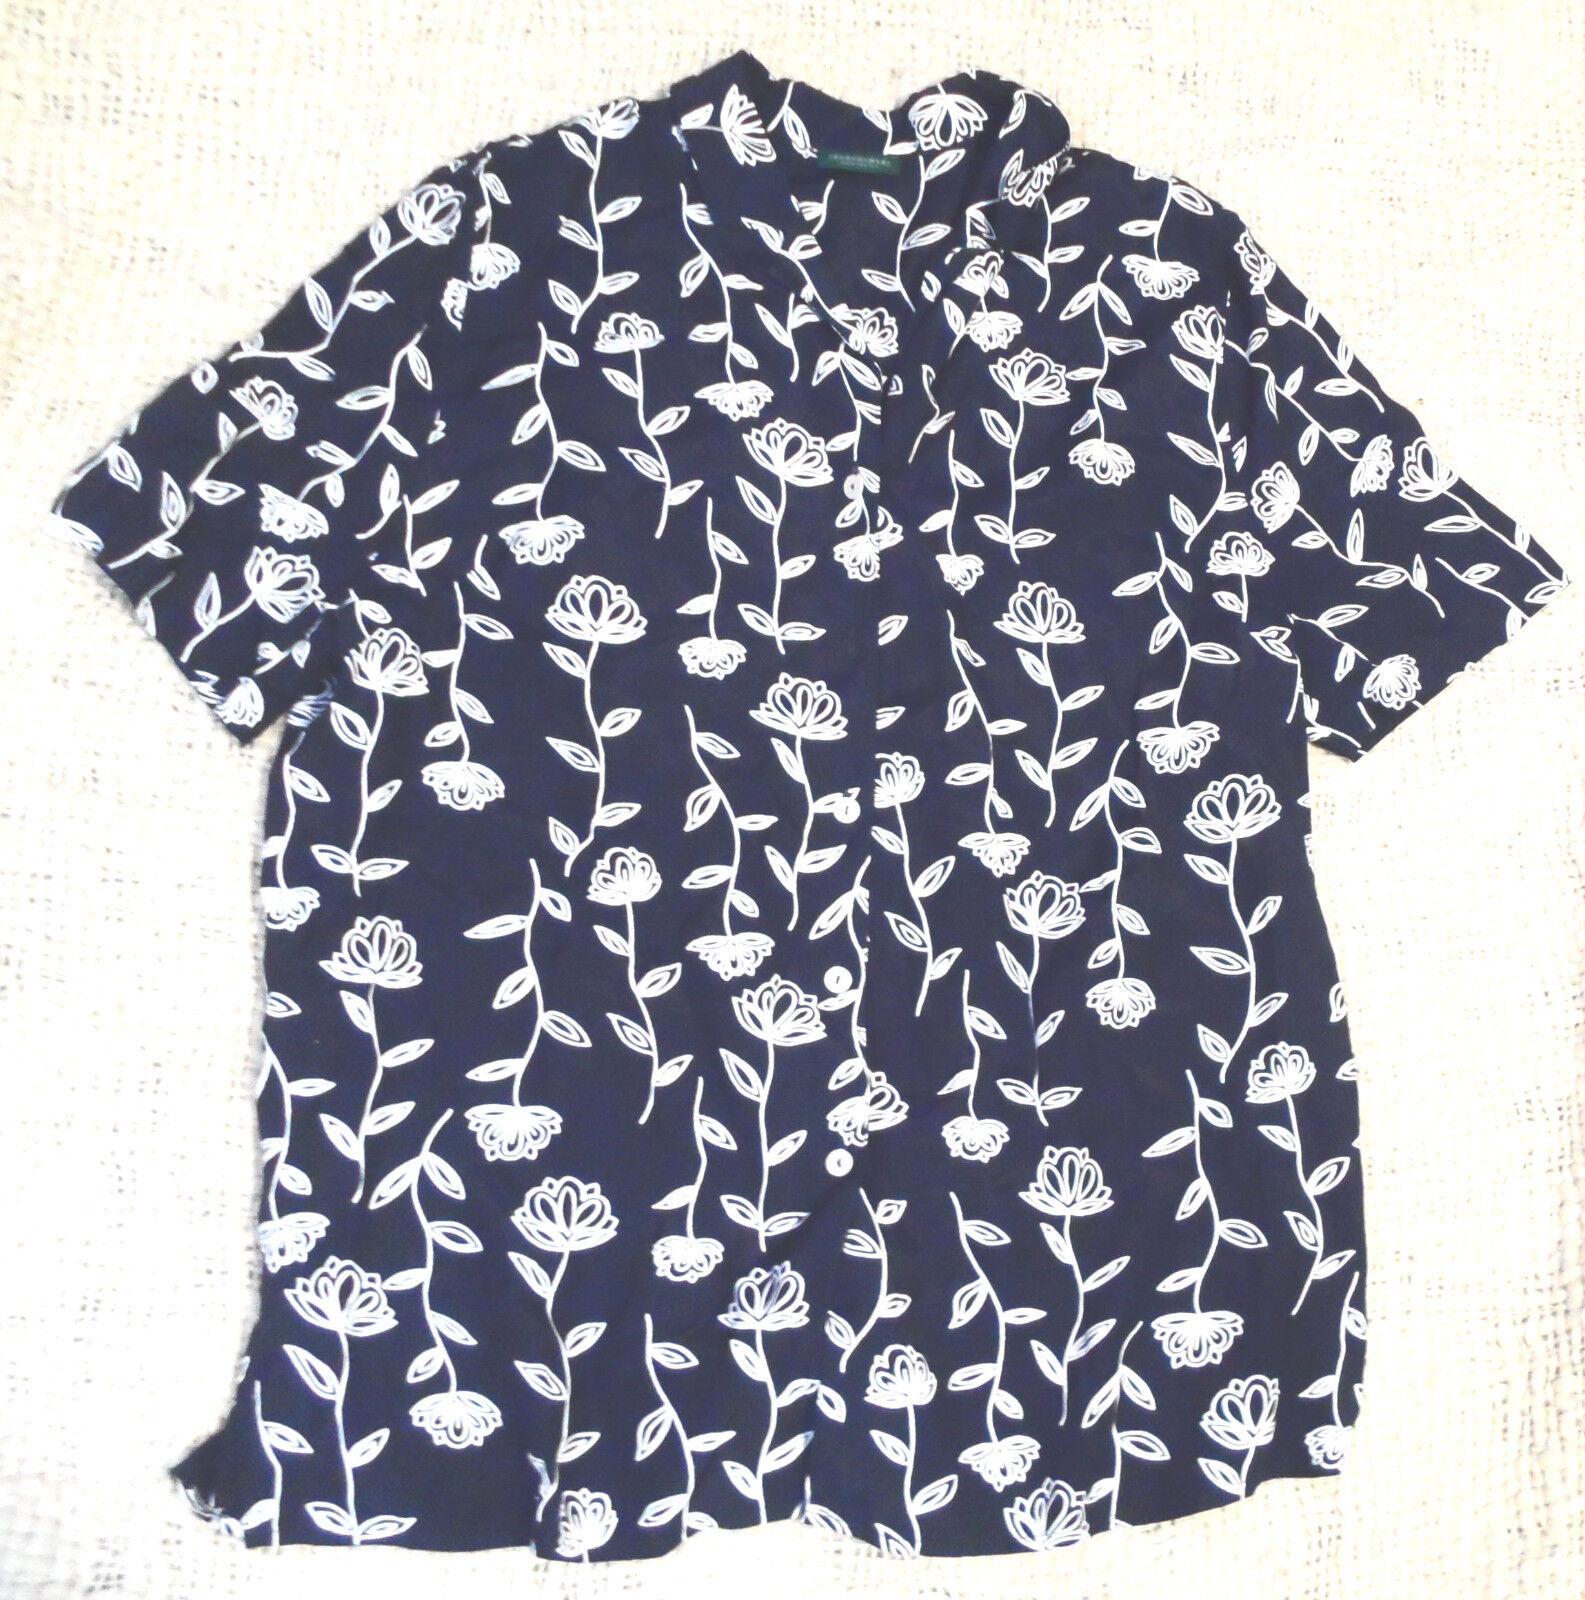 Kleid bunt 44-46 | Ausgezeichnet  Ausgezeichnet  Ausgezeichnet  f36d5b